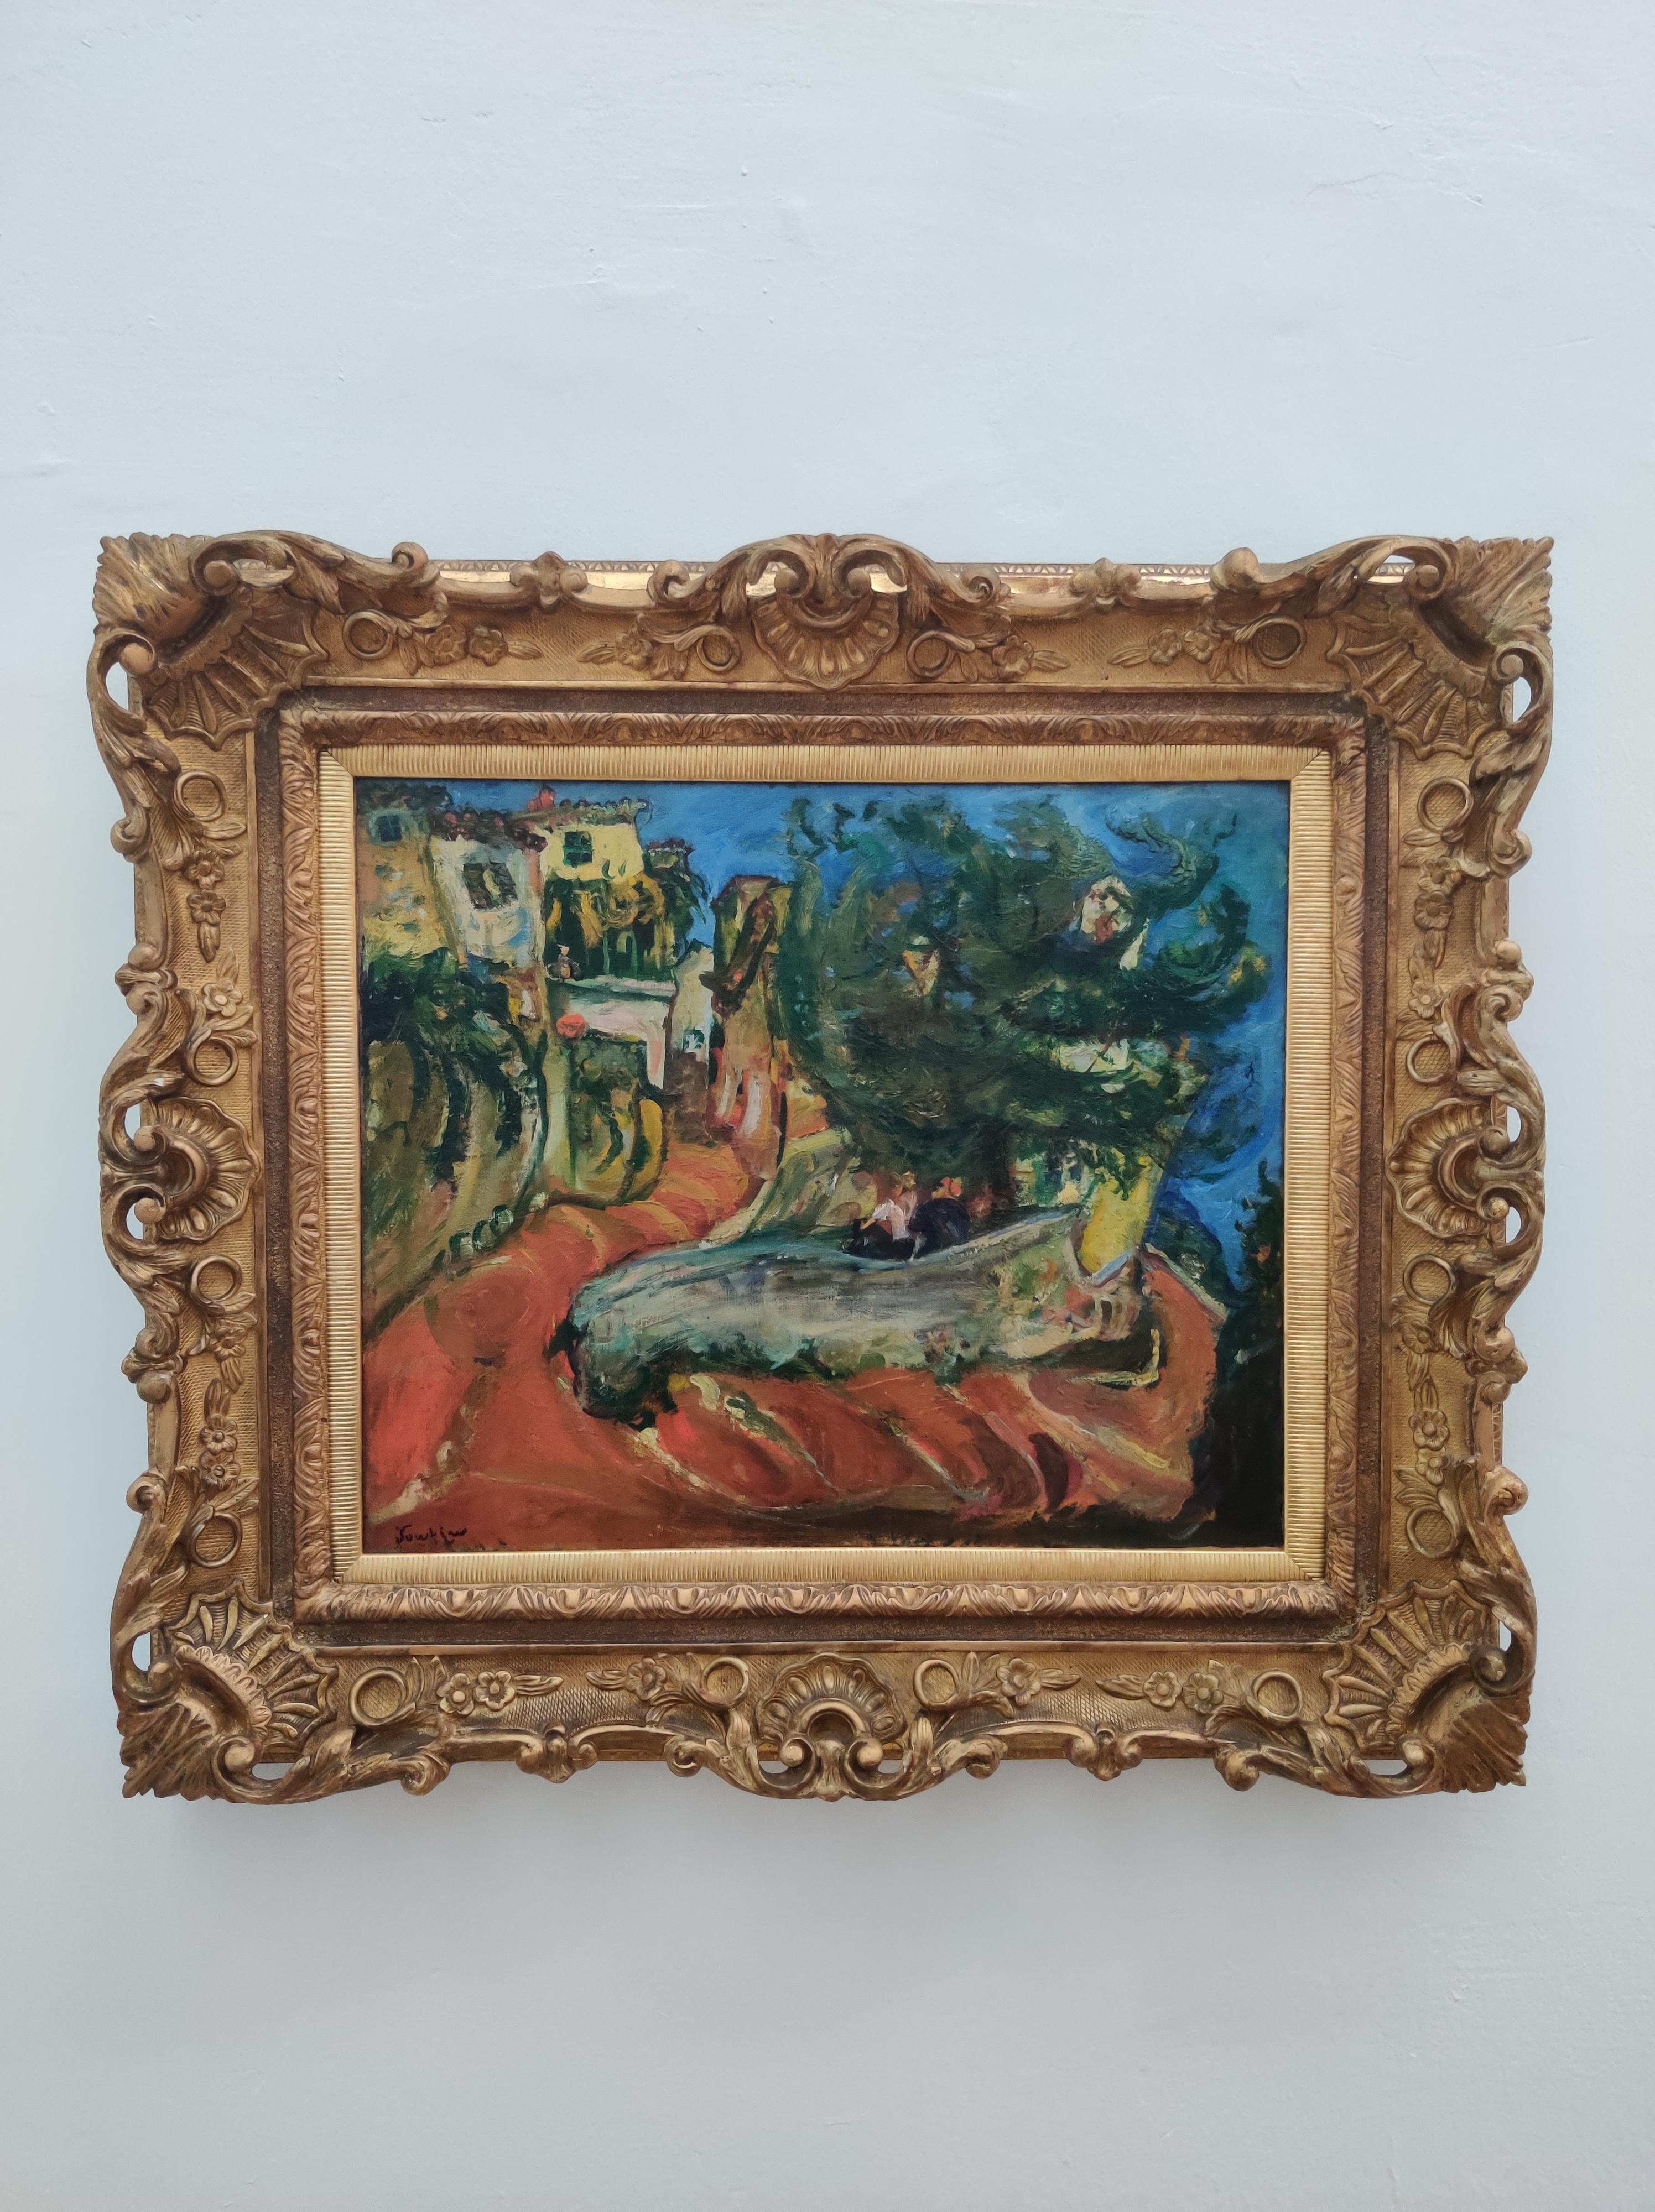 חיים סוטין, רחוב בקאן-סור-מר, 1924-1923, אוסף מוזיאון הכט, אוניברסיטת חיפה.jpg